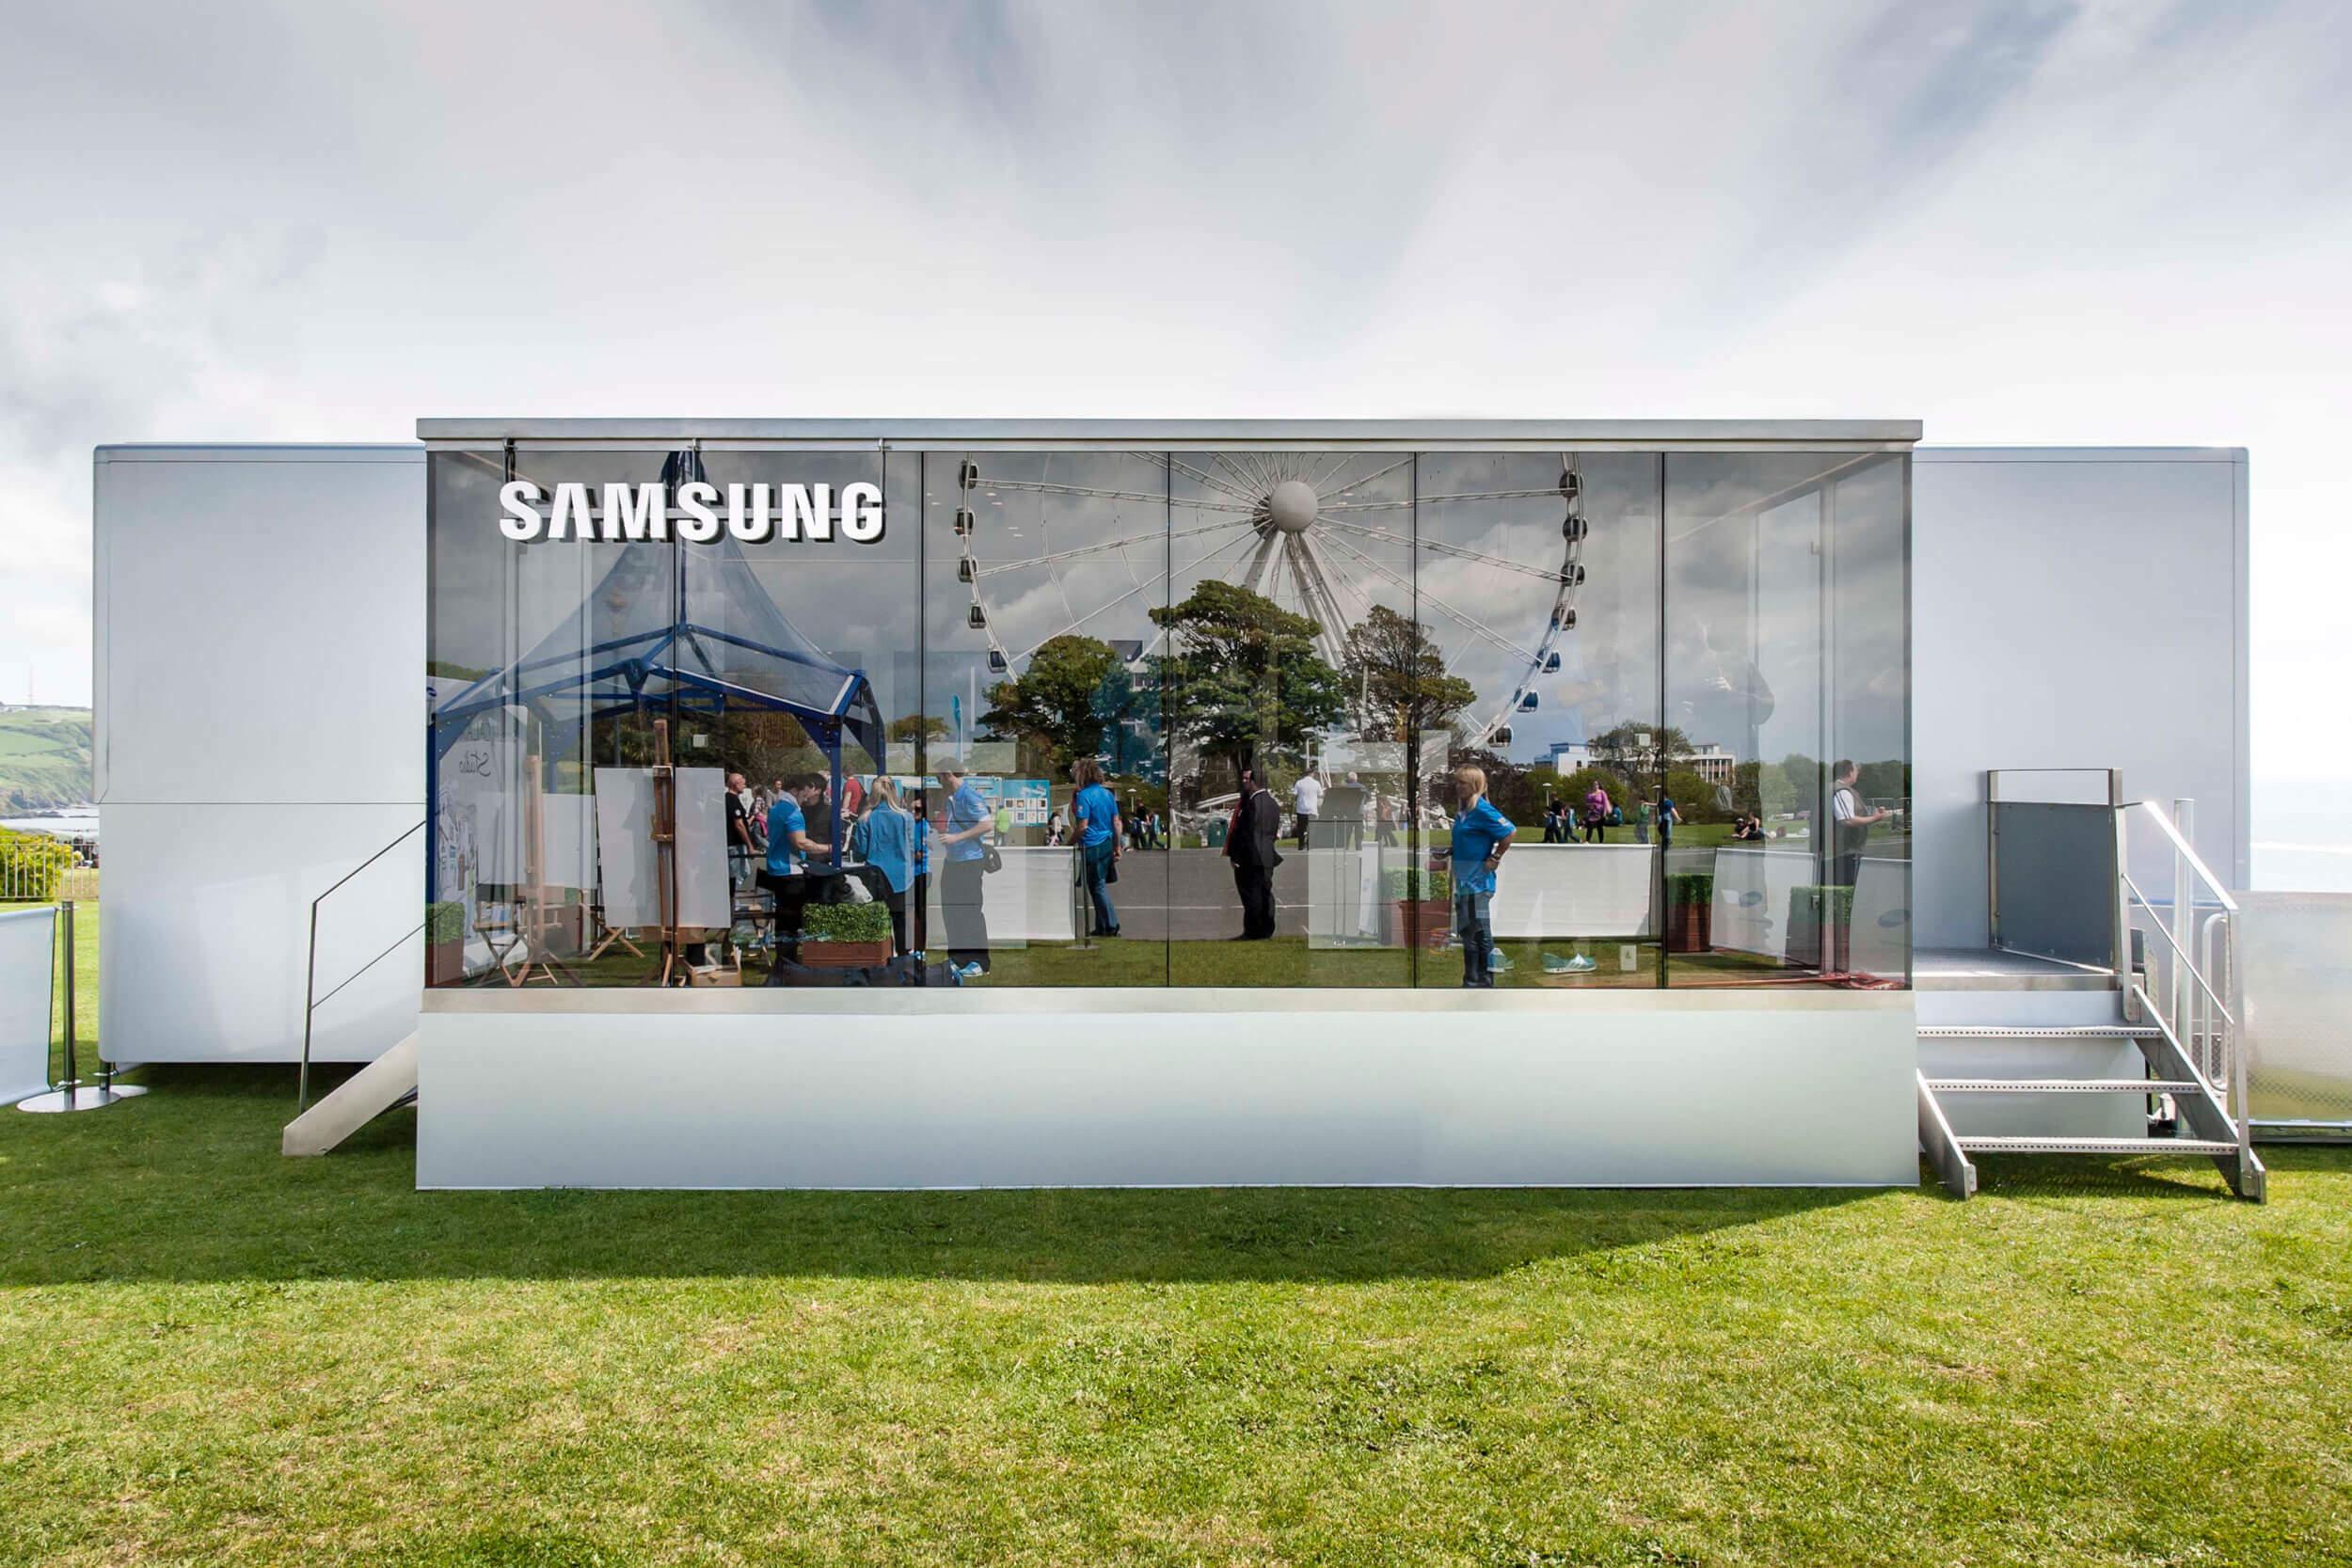 Spiegelung von Samsung Mitarbeitern und einem Riesenrad